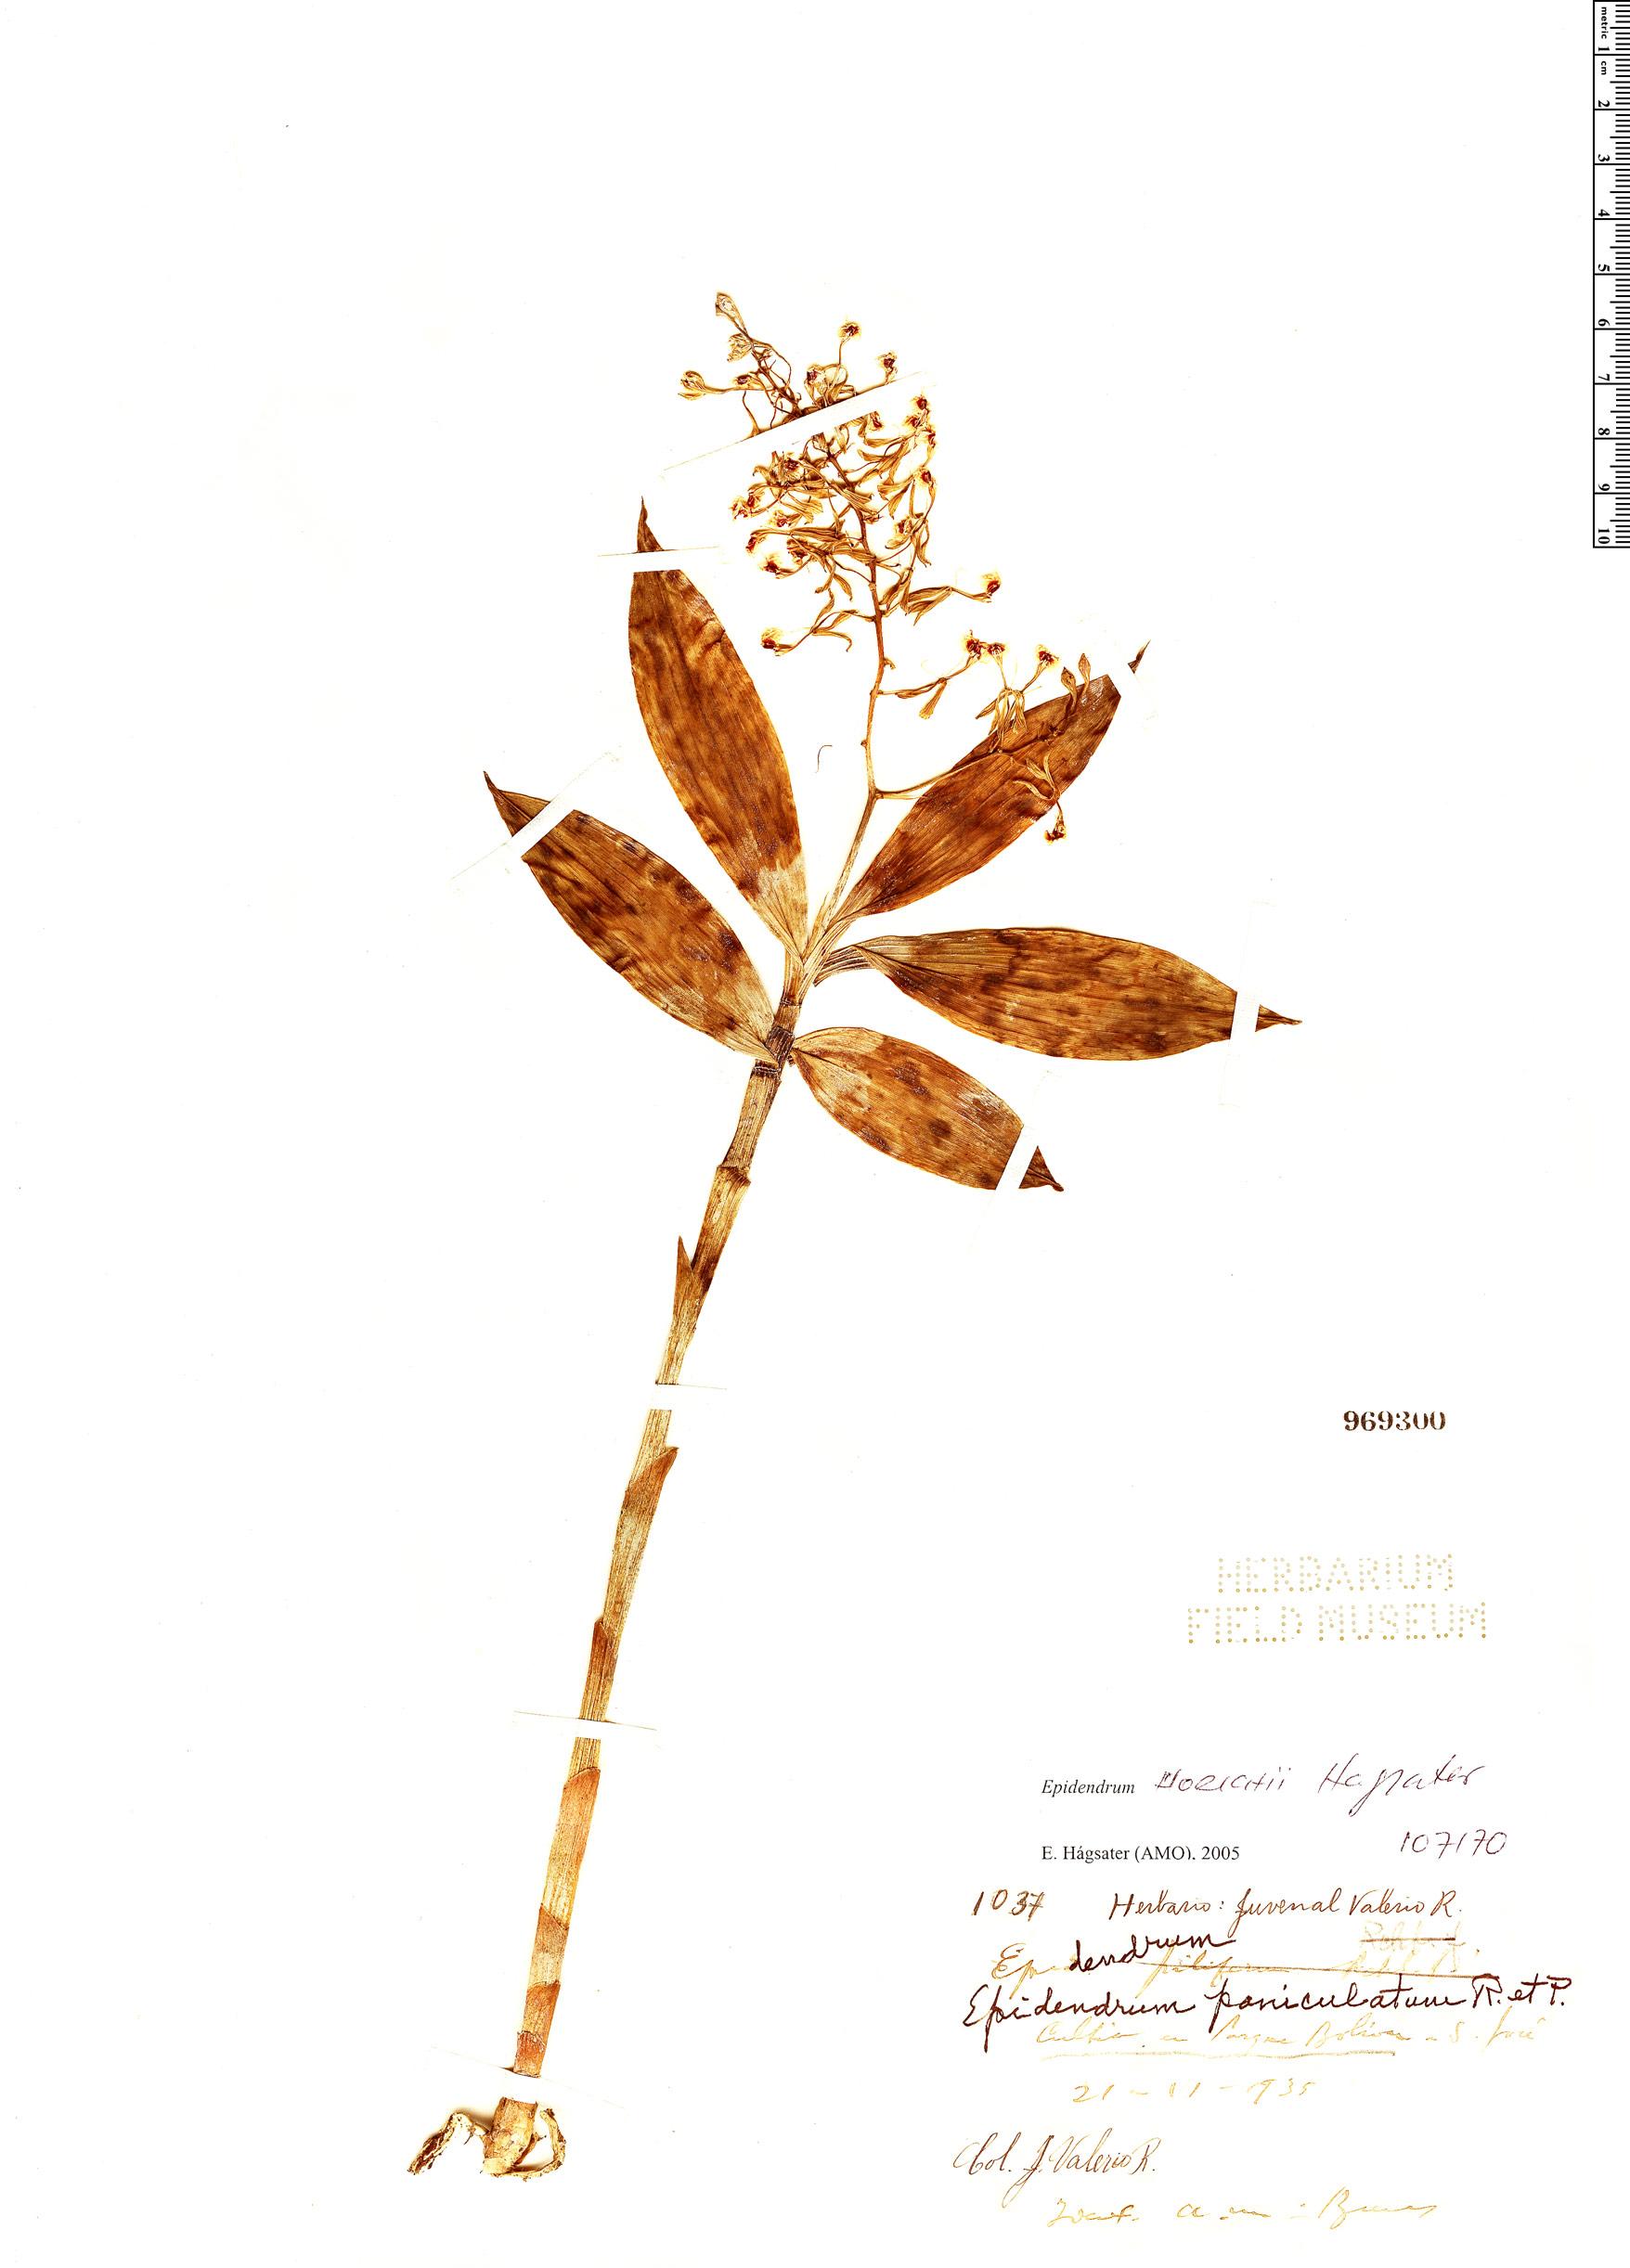 Specimen: Epidendrum horichii